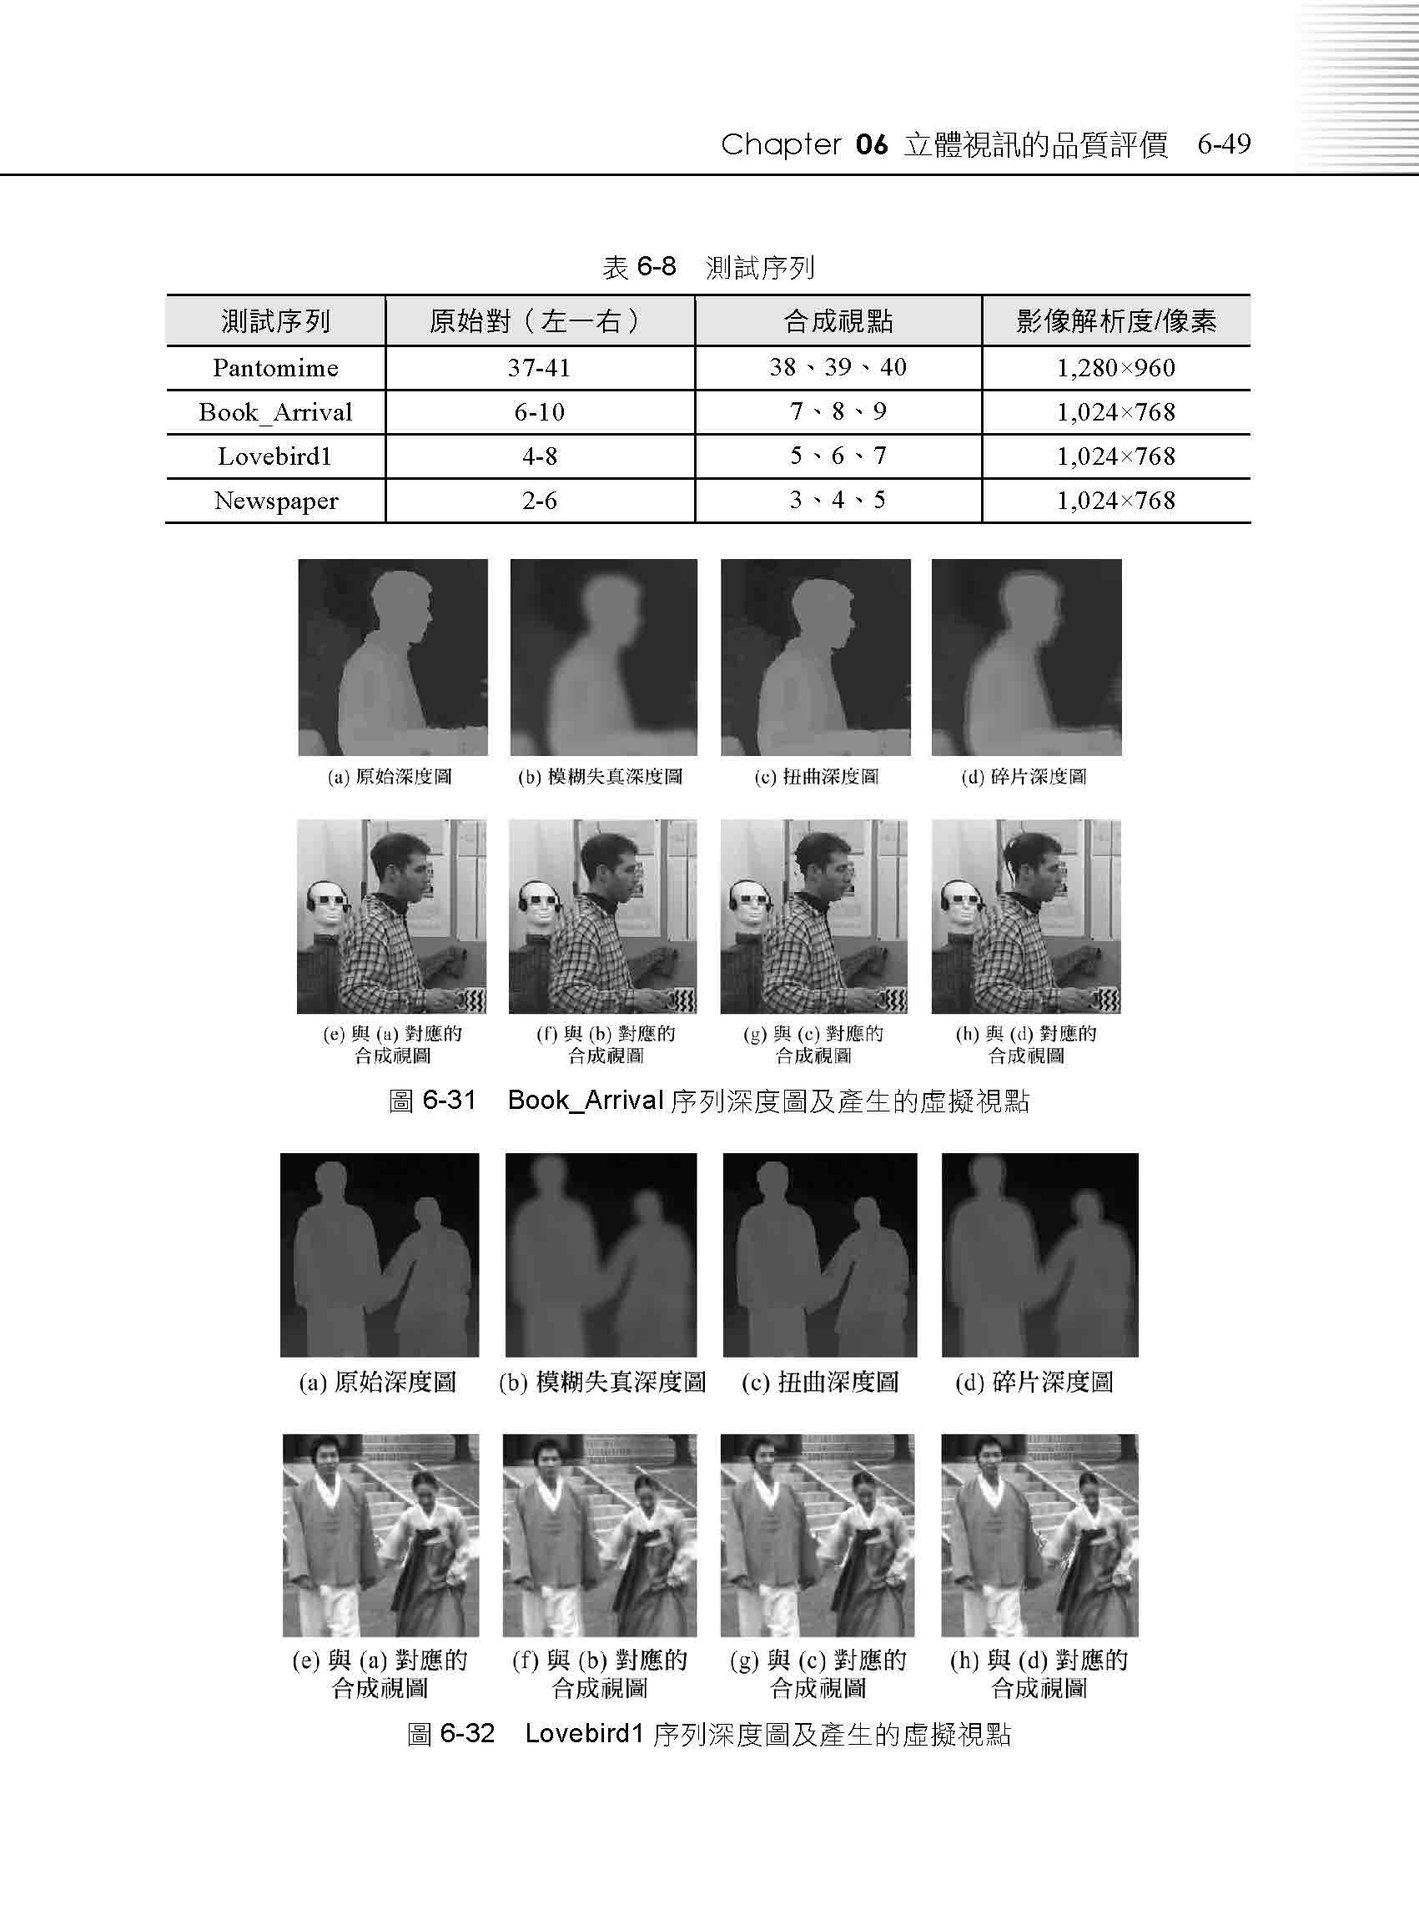 完全掌握:最強3D視訊處理技術書 (舊名: 無懈可擊的 3D視訊處理技術)-preview-12